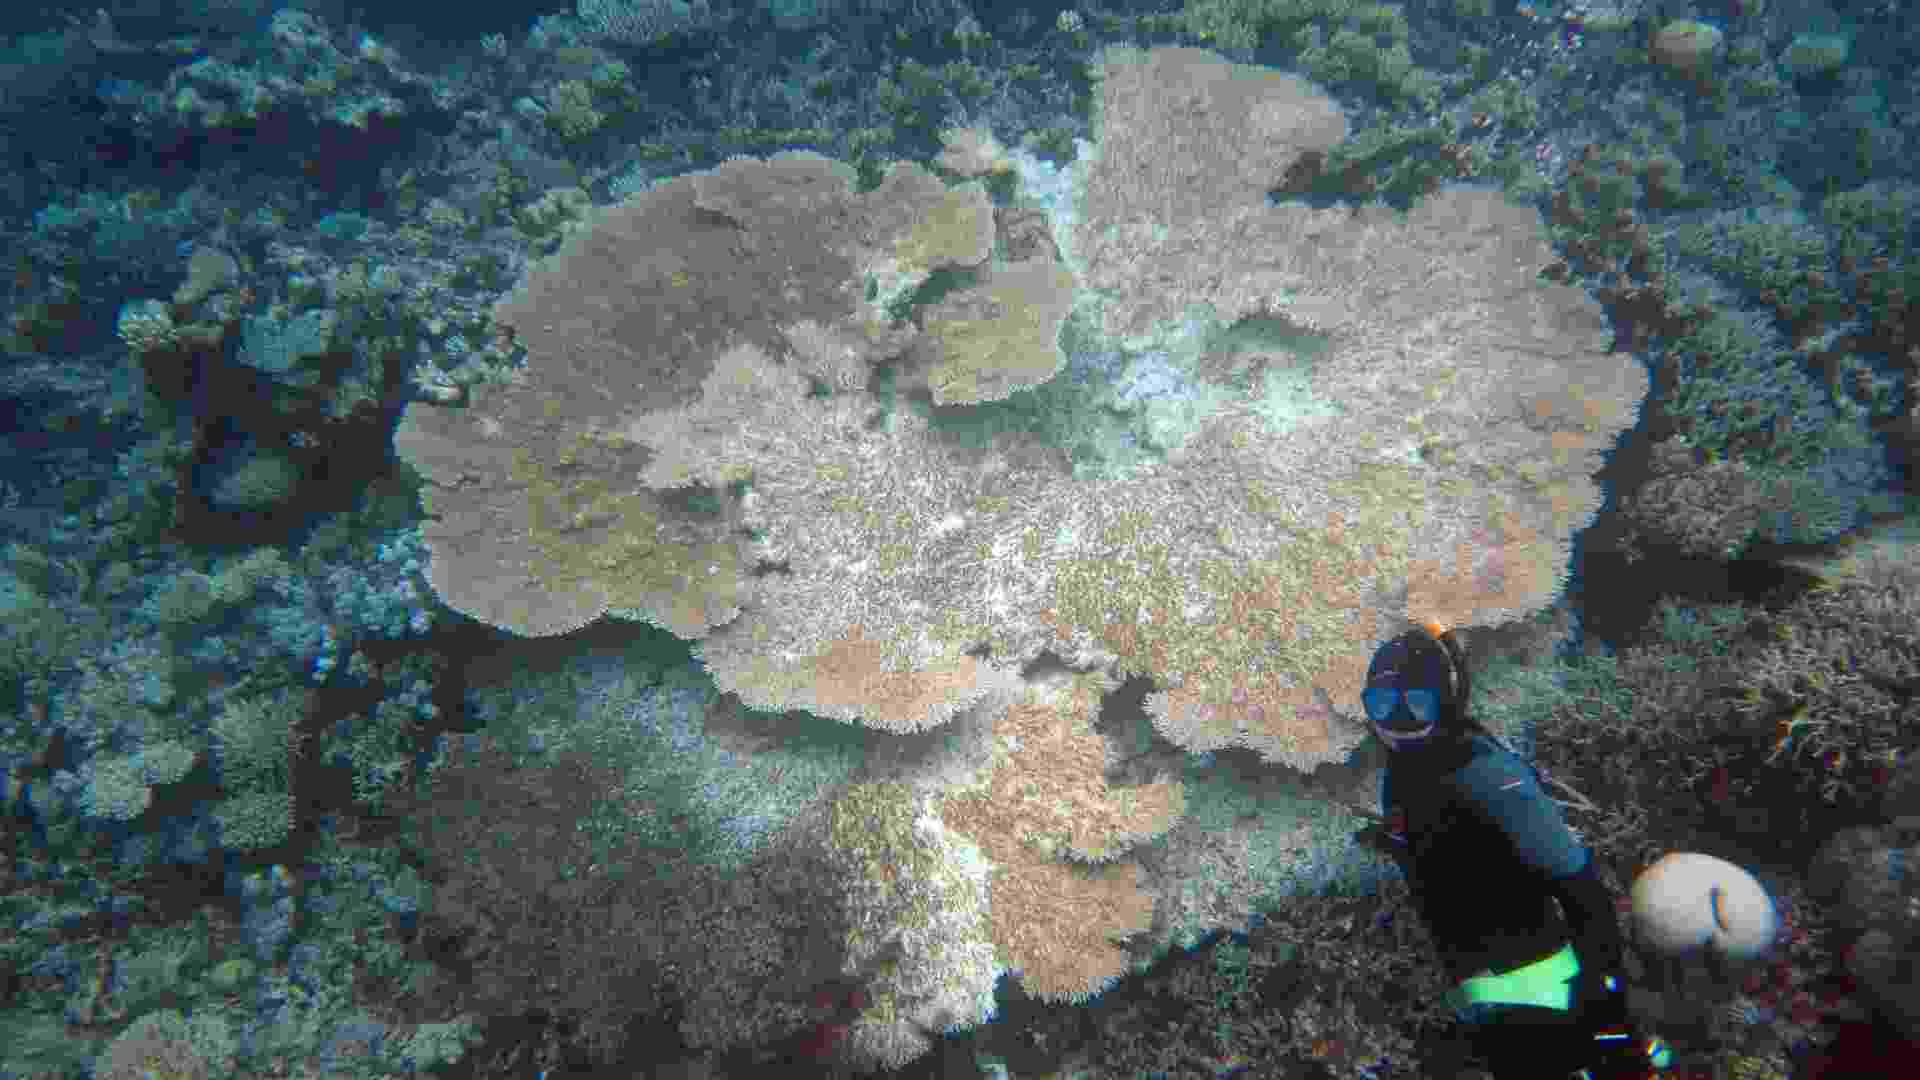 """6.mai.2013 - A Unesco, órgão da ONU (Organização das Nações Unidas) para a Educação, Ciência e Cultura, criticou duramente o governo da Austrália pelos """"progressos limitados"""" de proteção e conservação da Grande Barreira de Cora. A imensa faixa de corais, que atrai turistas do mundo todo, corre o risco de ser declarado """"em perigo"""" na lista de Patrimônio da Humanidade Ameaçado durante o congresso anual da Unesco que ocorre no próximo mês, em Phnom Penh, no Camboja - F. Joseph Pollock/AFP"""